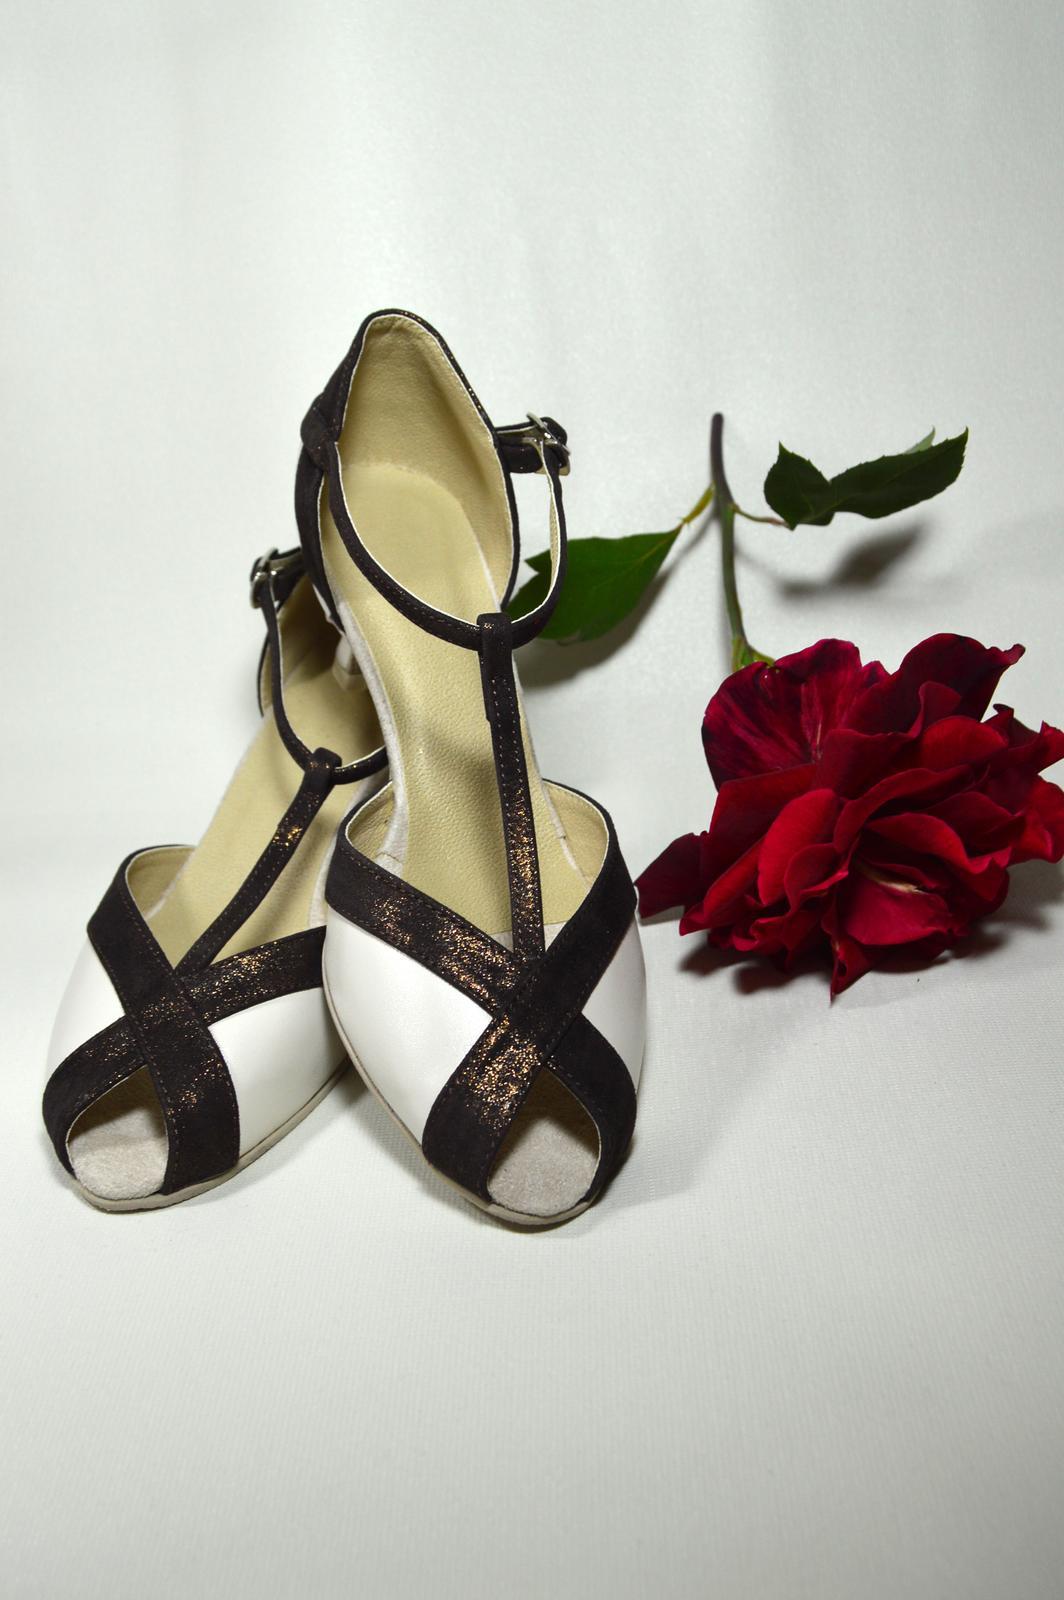 Svadobné topánky s úpravou na želanie - inšpirácie bordó, hnědá, čokoládová - Svadobná tanečná obuv model Holly kombinácia pravej kože odtieň ivory a exkluzívnej kože trblietavej čokoládovej - úpravy podľa želania klientky